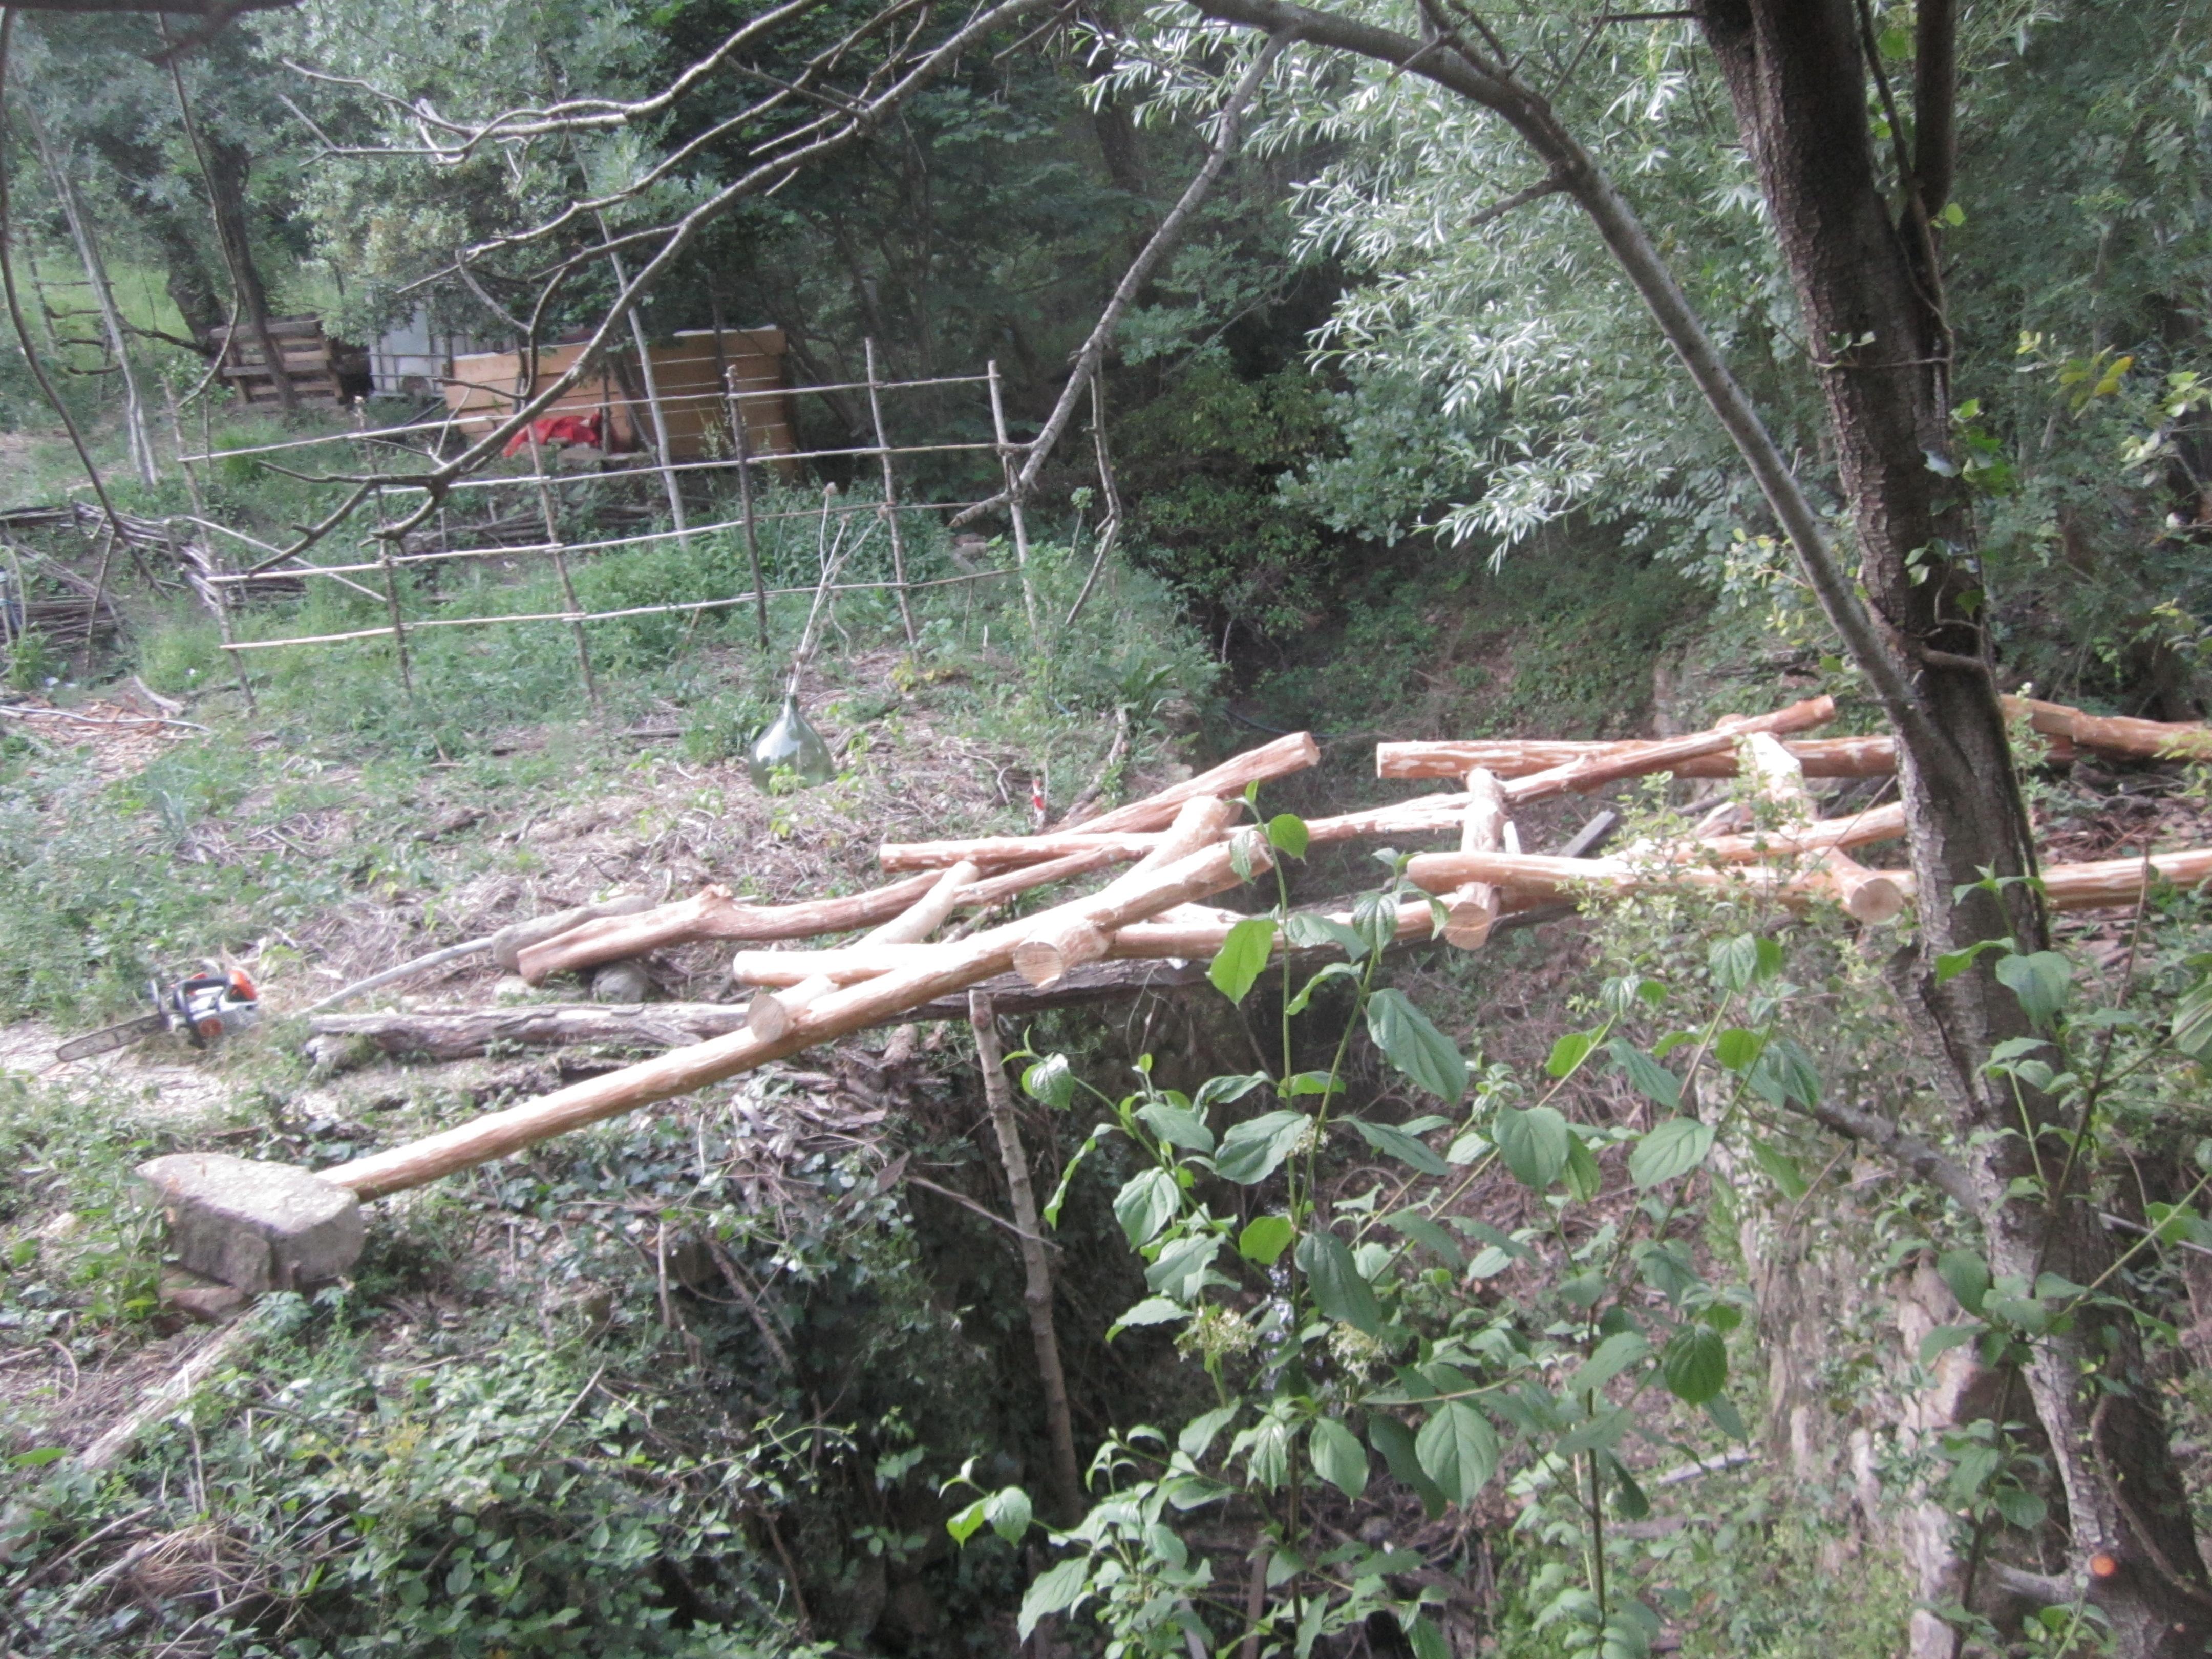 Le pont auto port de l onard de vinci humus pays d 39 oc - Pont leonard de vinci ...